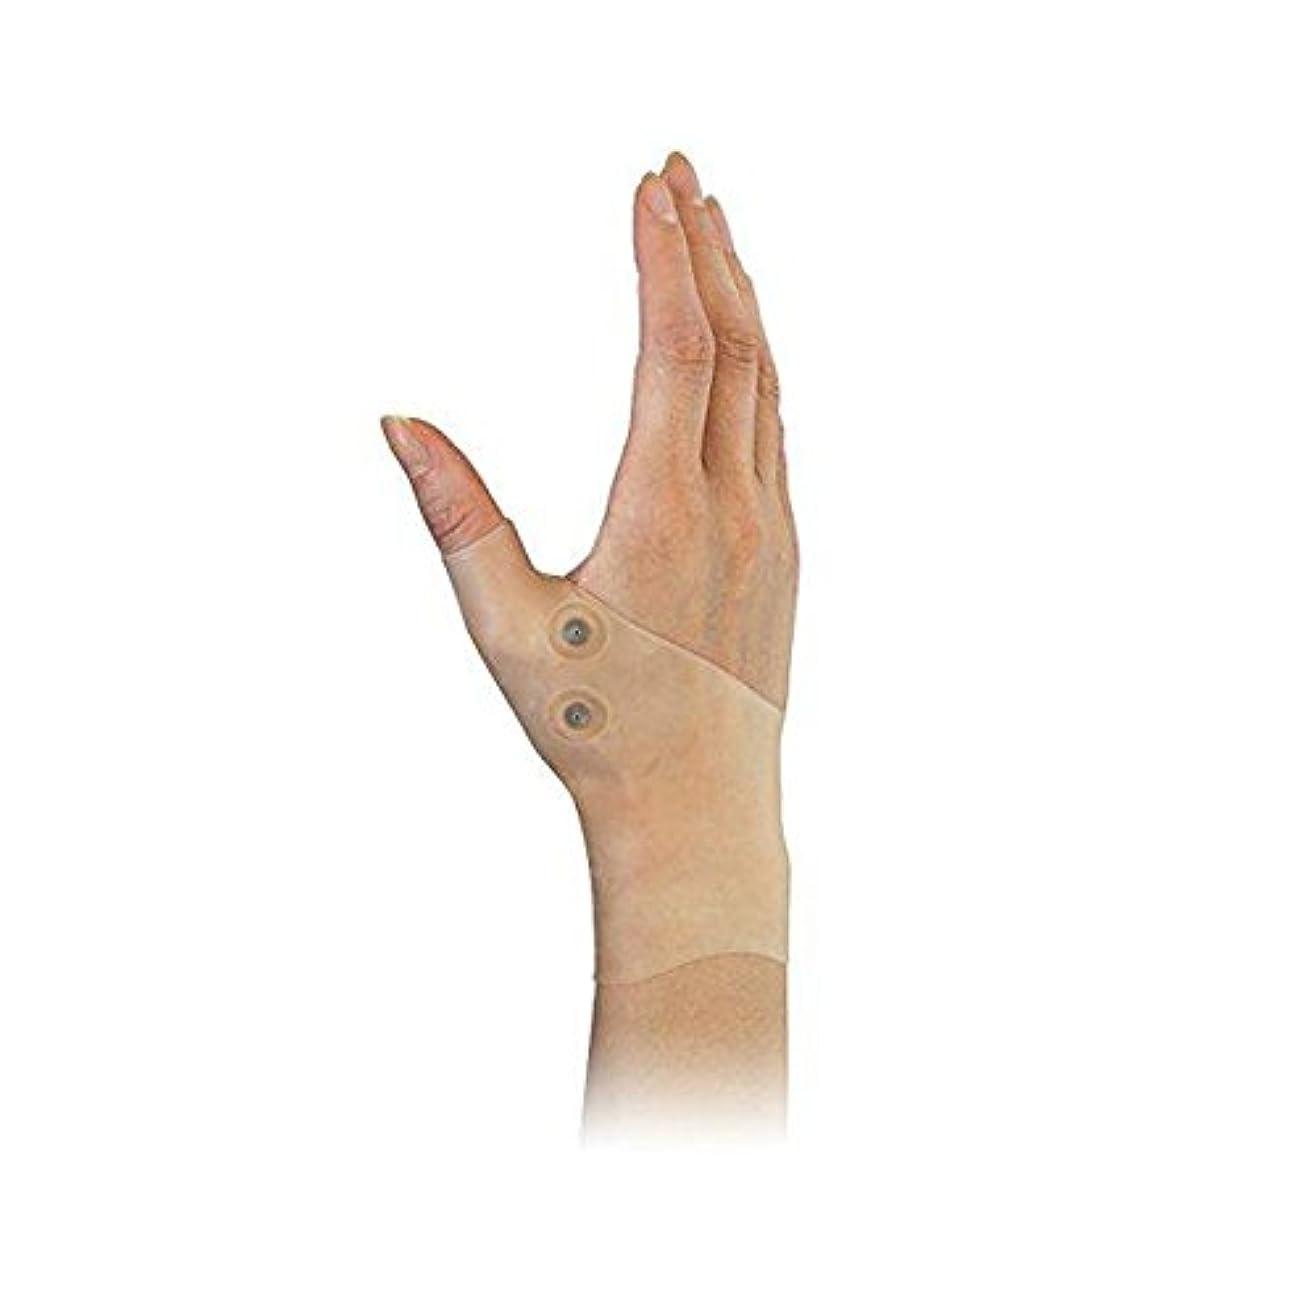 ヘッドレス文芸実行可能DOMO 親指サポーター 手首サポーター 肌の色合い 磁気療法 シリコーン素材 手首ブレース 保護 弾性 洗える 捻挫 腱鞘炎 タイピング 手首と親指の痛み リウマチ 関節炎用 男女兼用